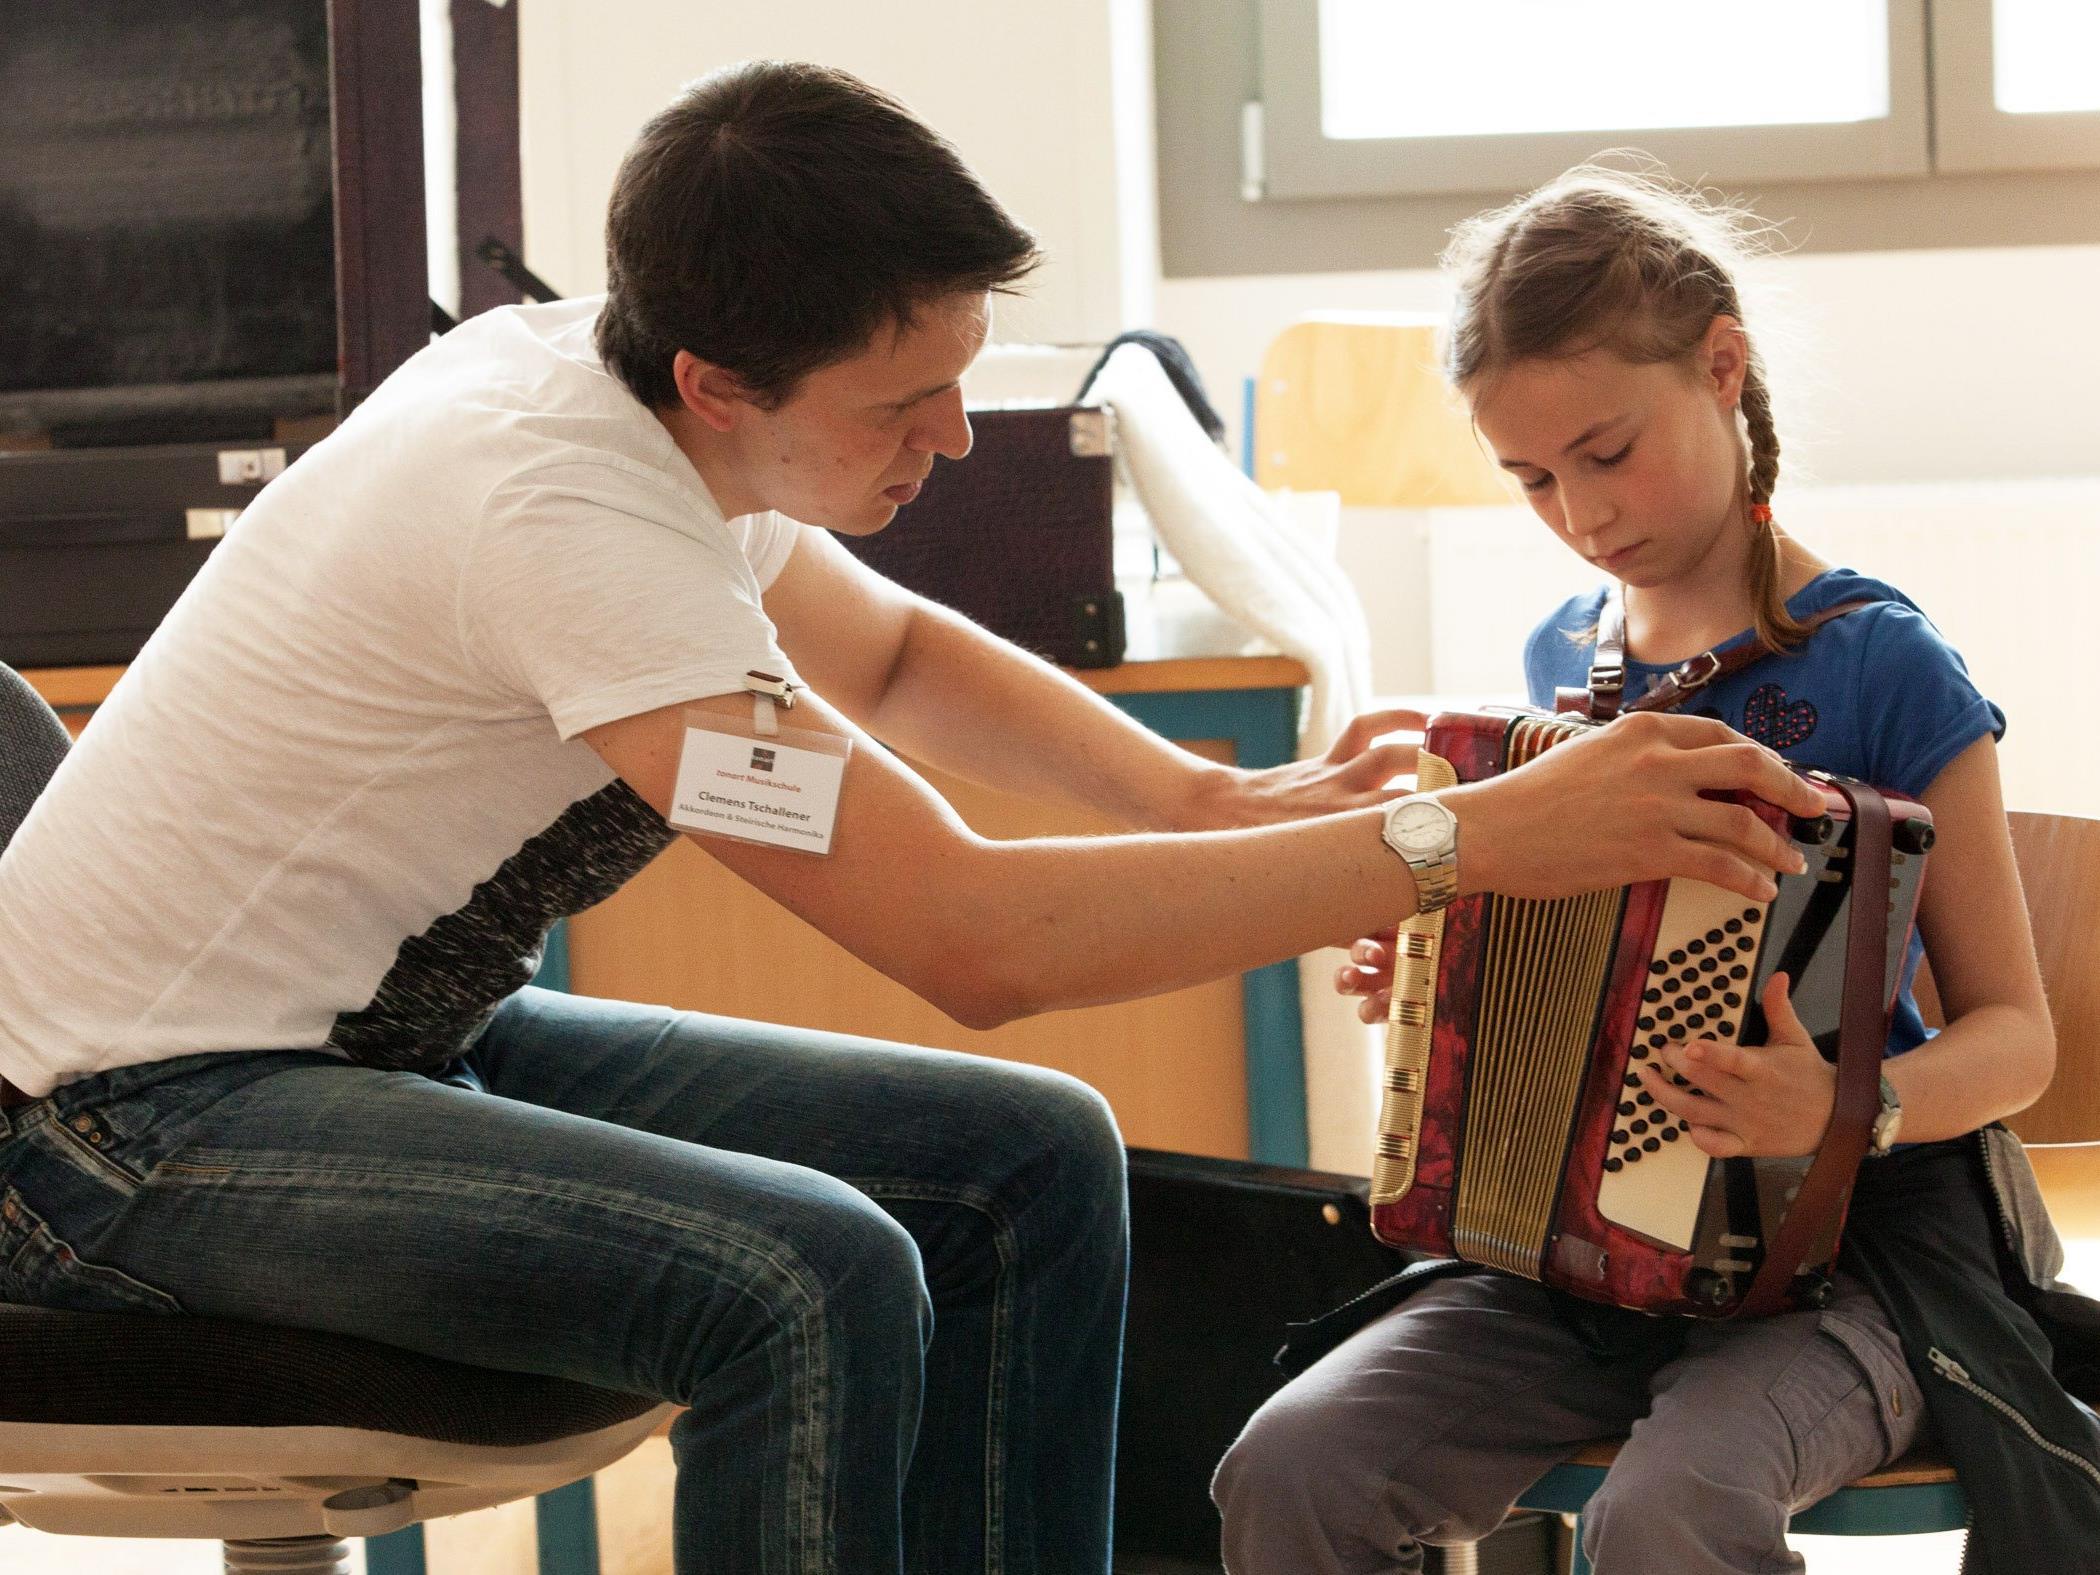 Musikinteressierte jeden Alters konnten die Instrumente der tonart Musikschule selbst ausprobieren.